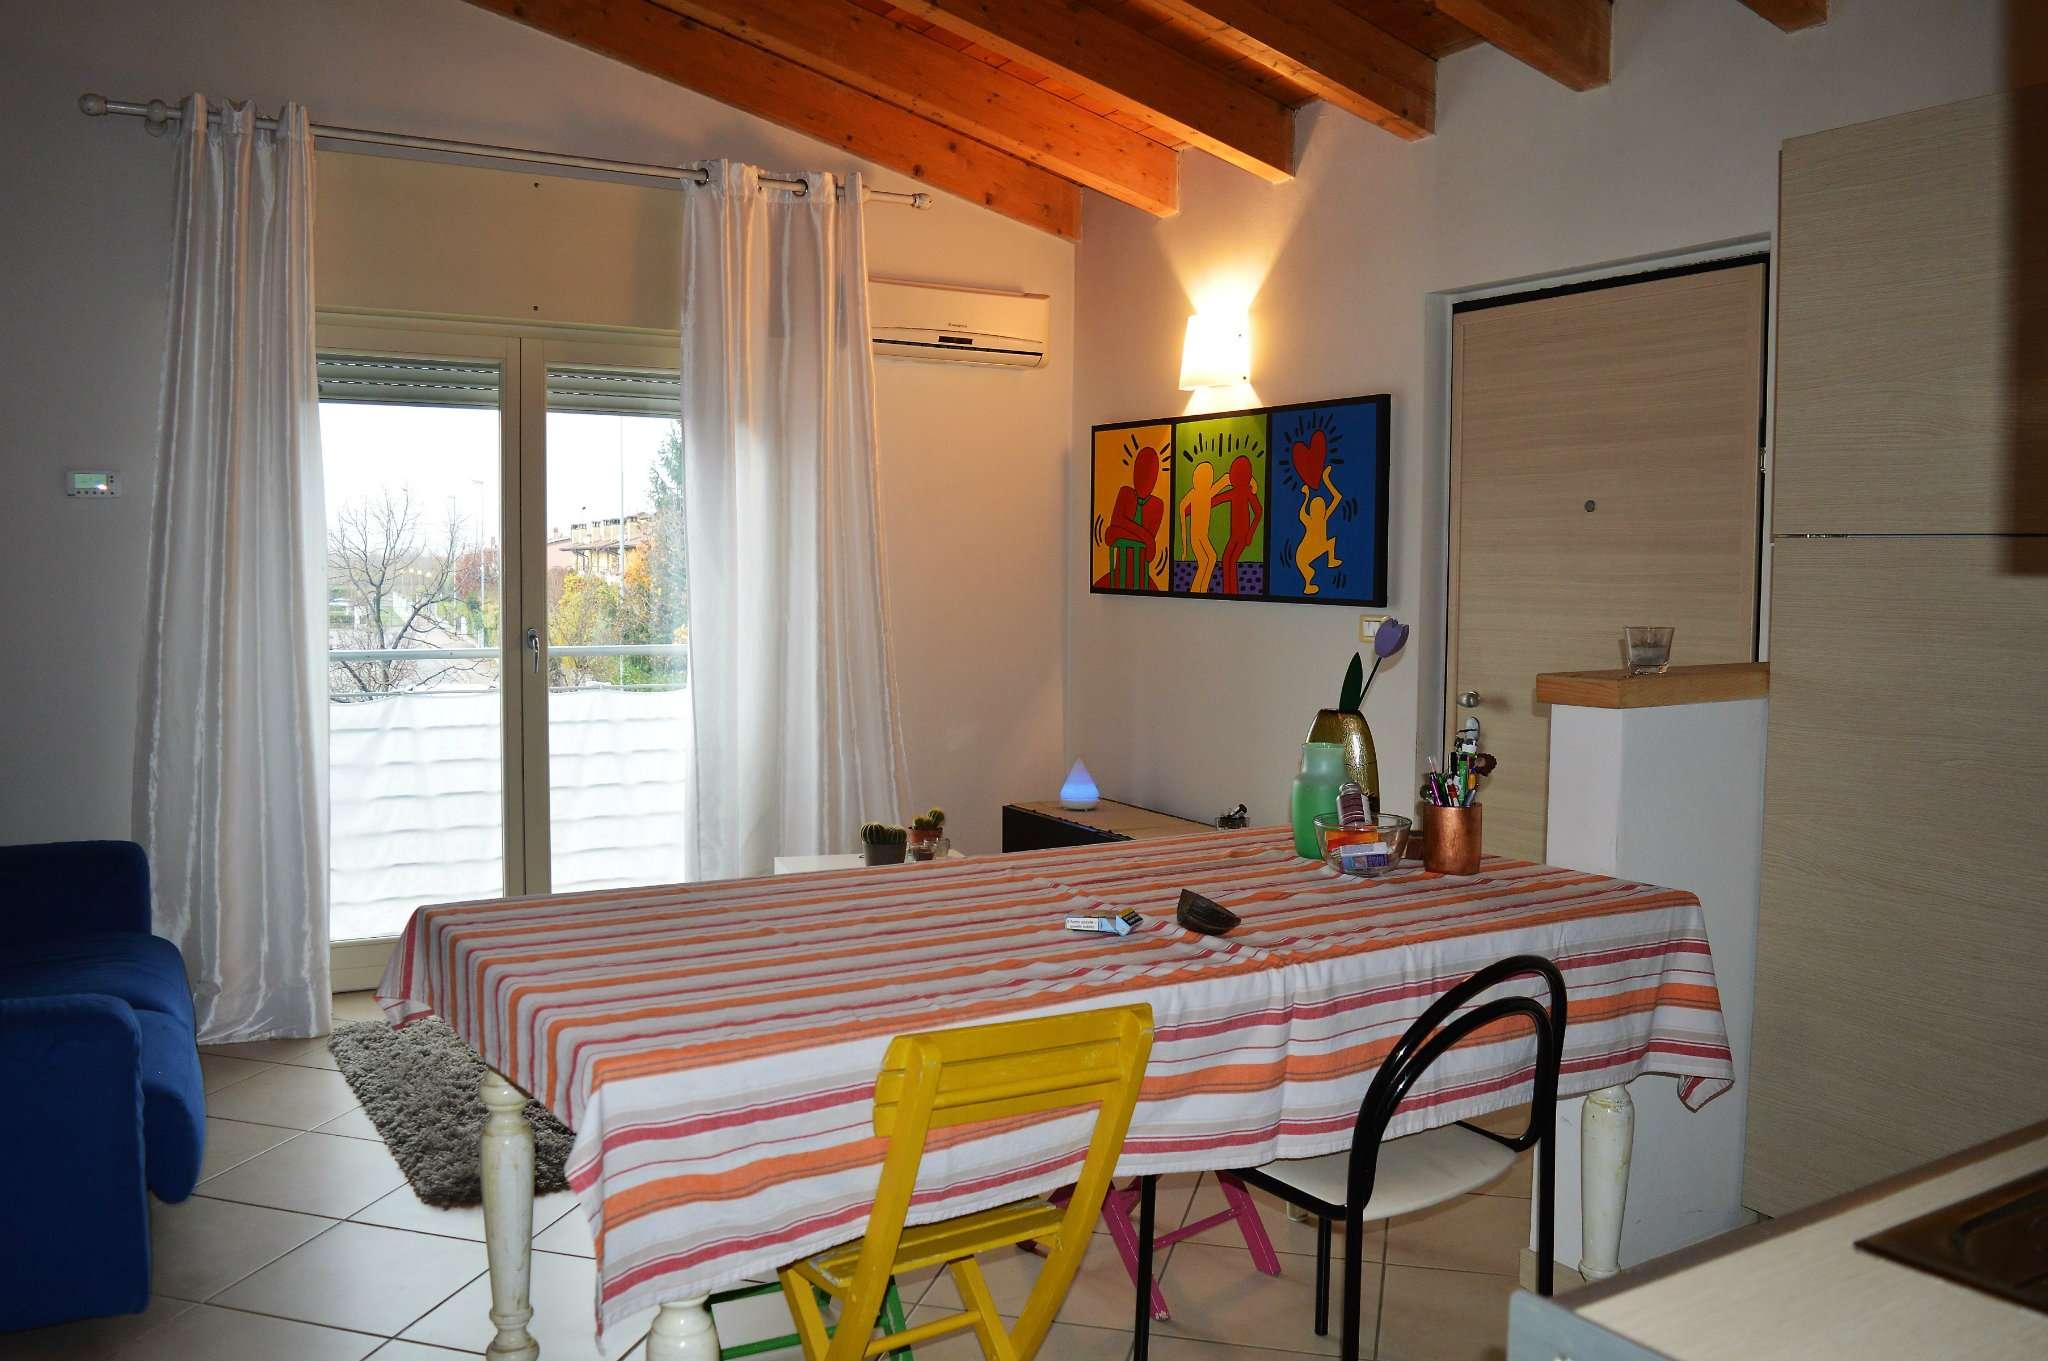 Appartamento in vendita a Borgosatollo, 2 locali, prezzo € 110.000 | Cambio Casa.it